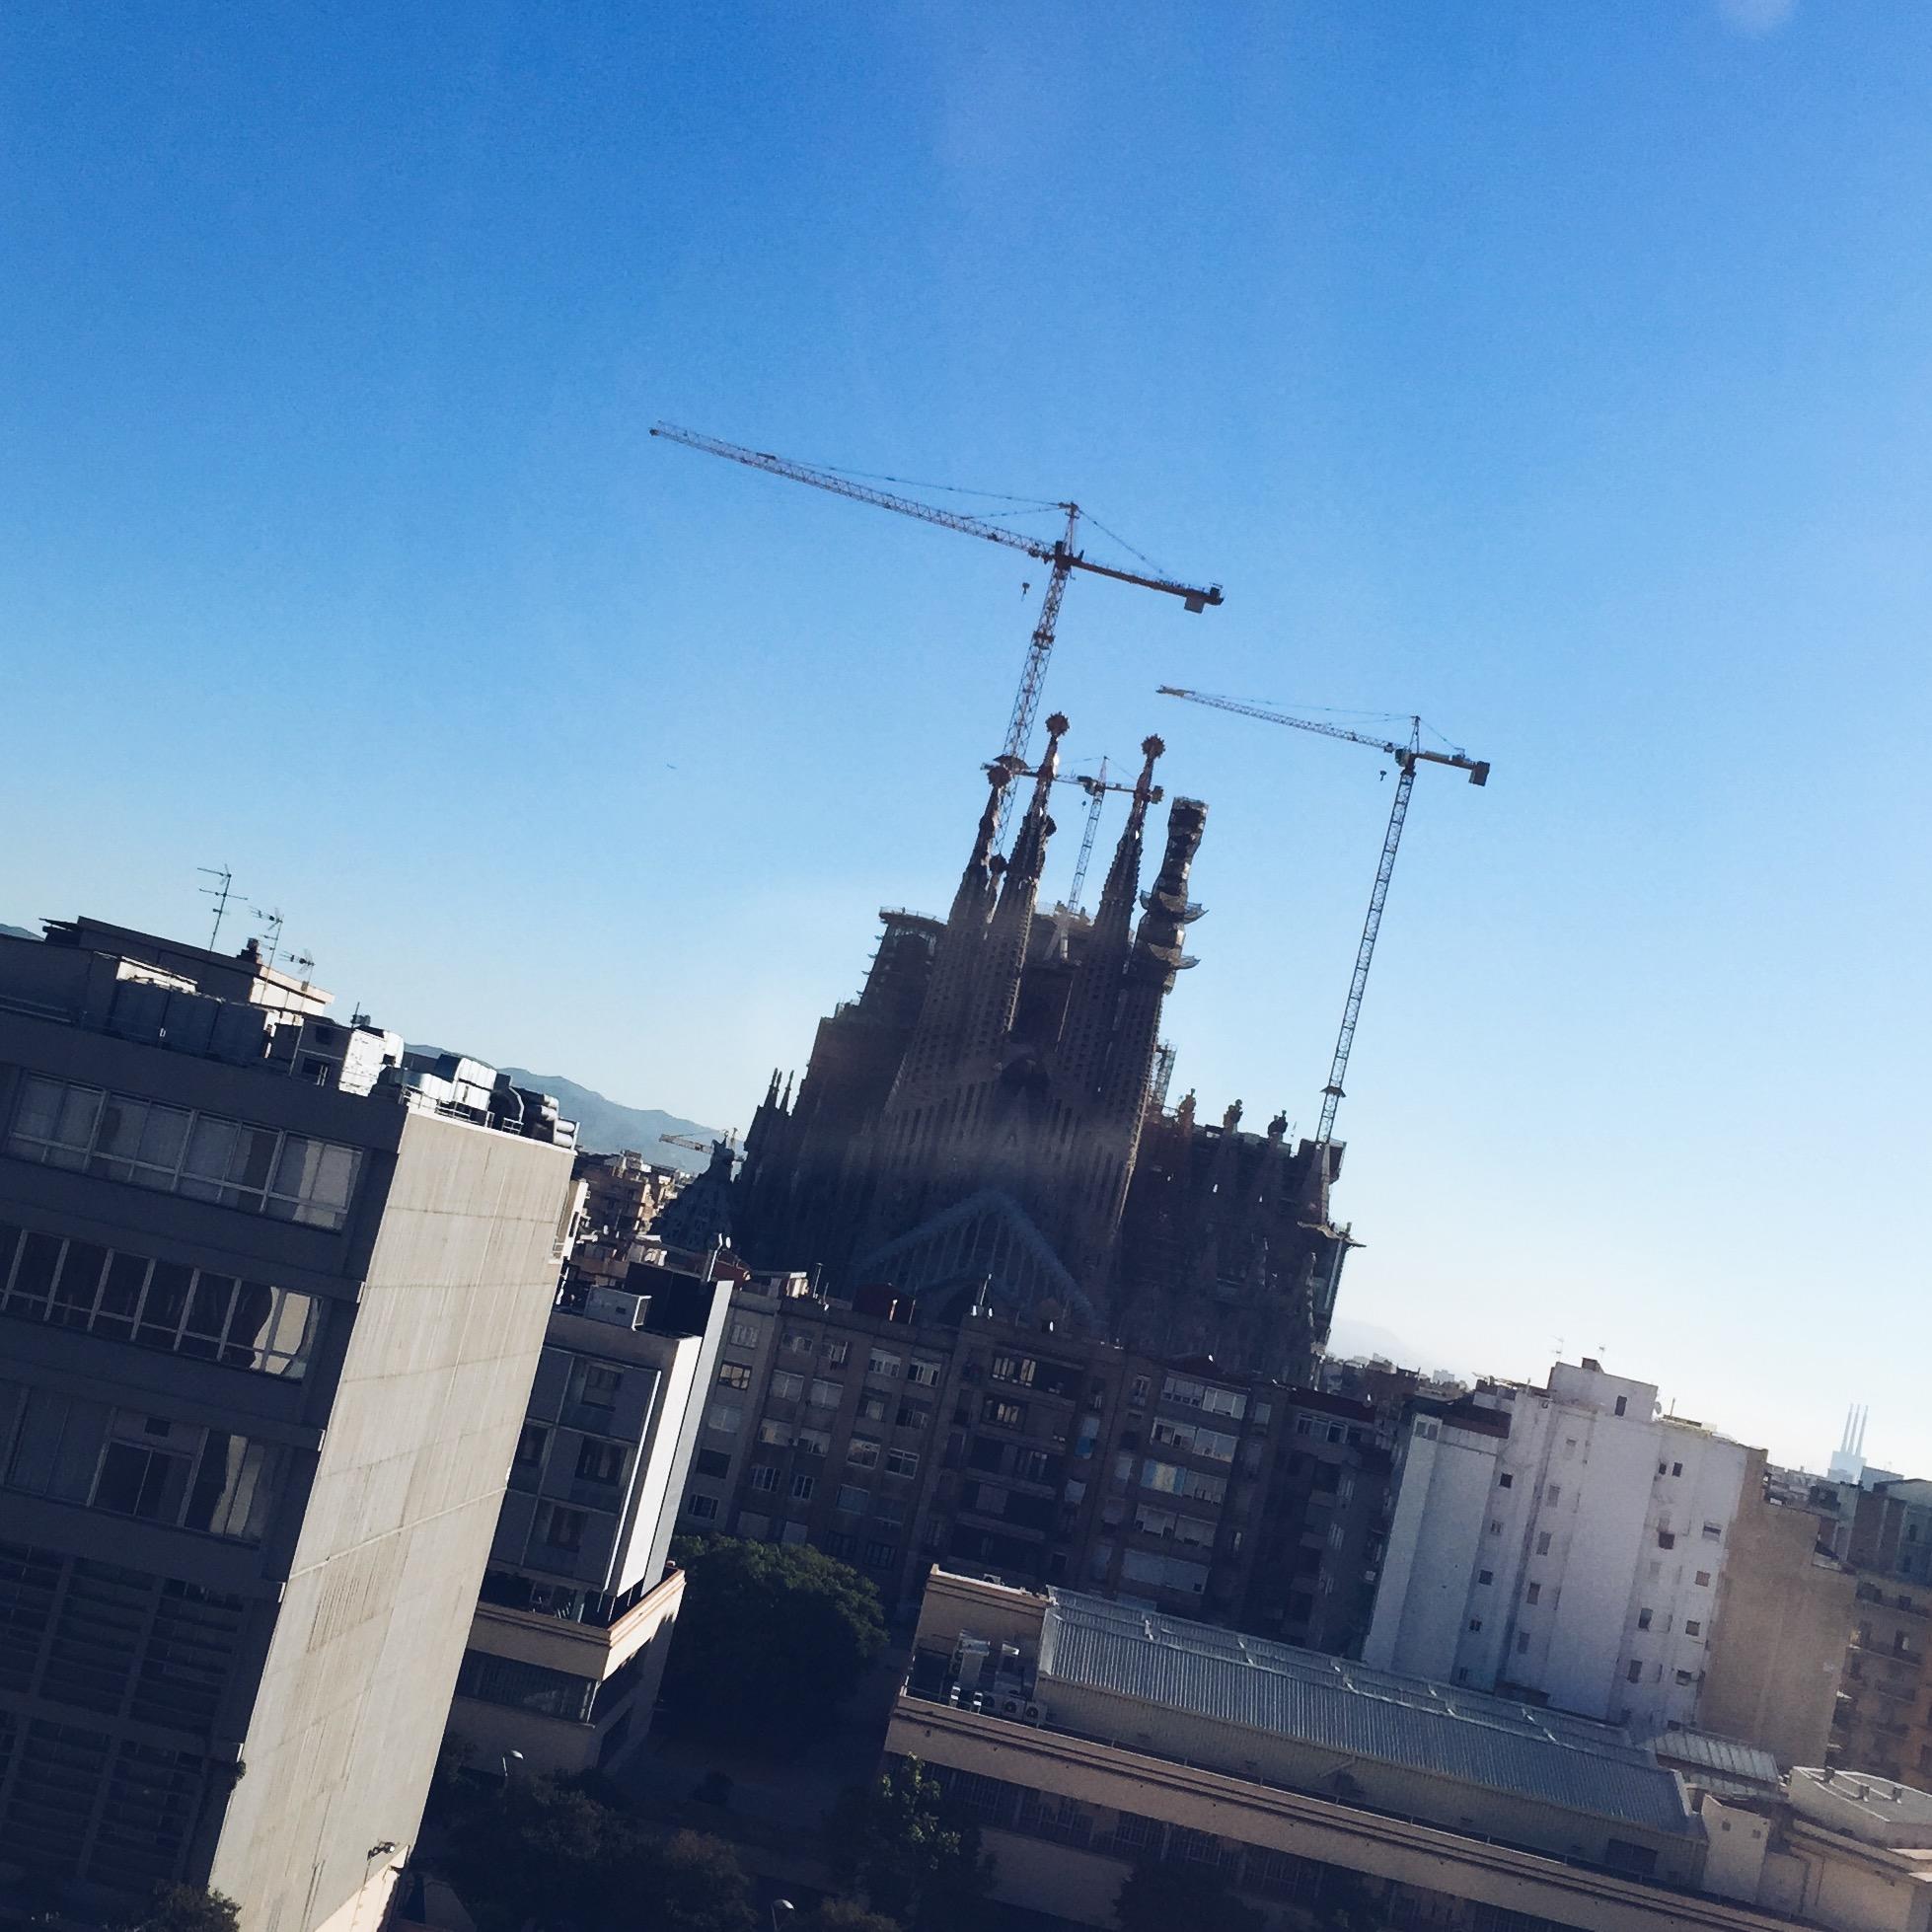 Het uitzicht vanaf kantoor,  Sagrada Familia!